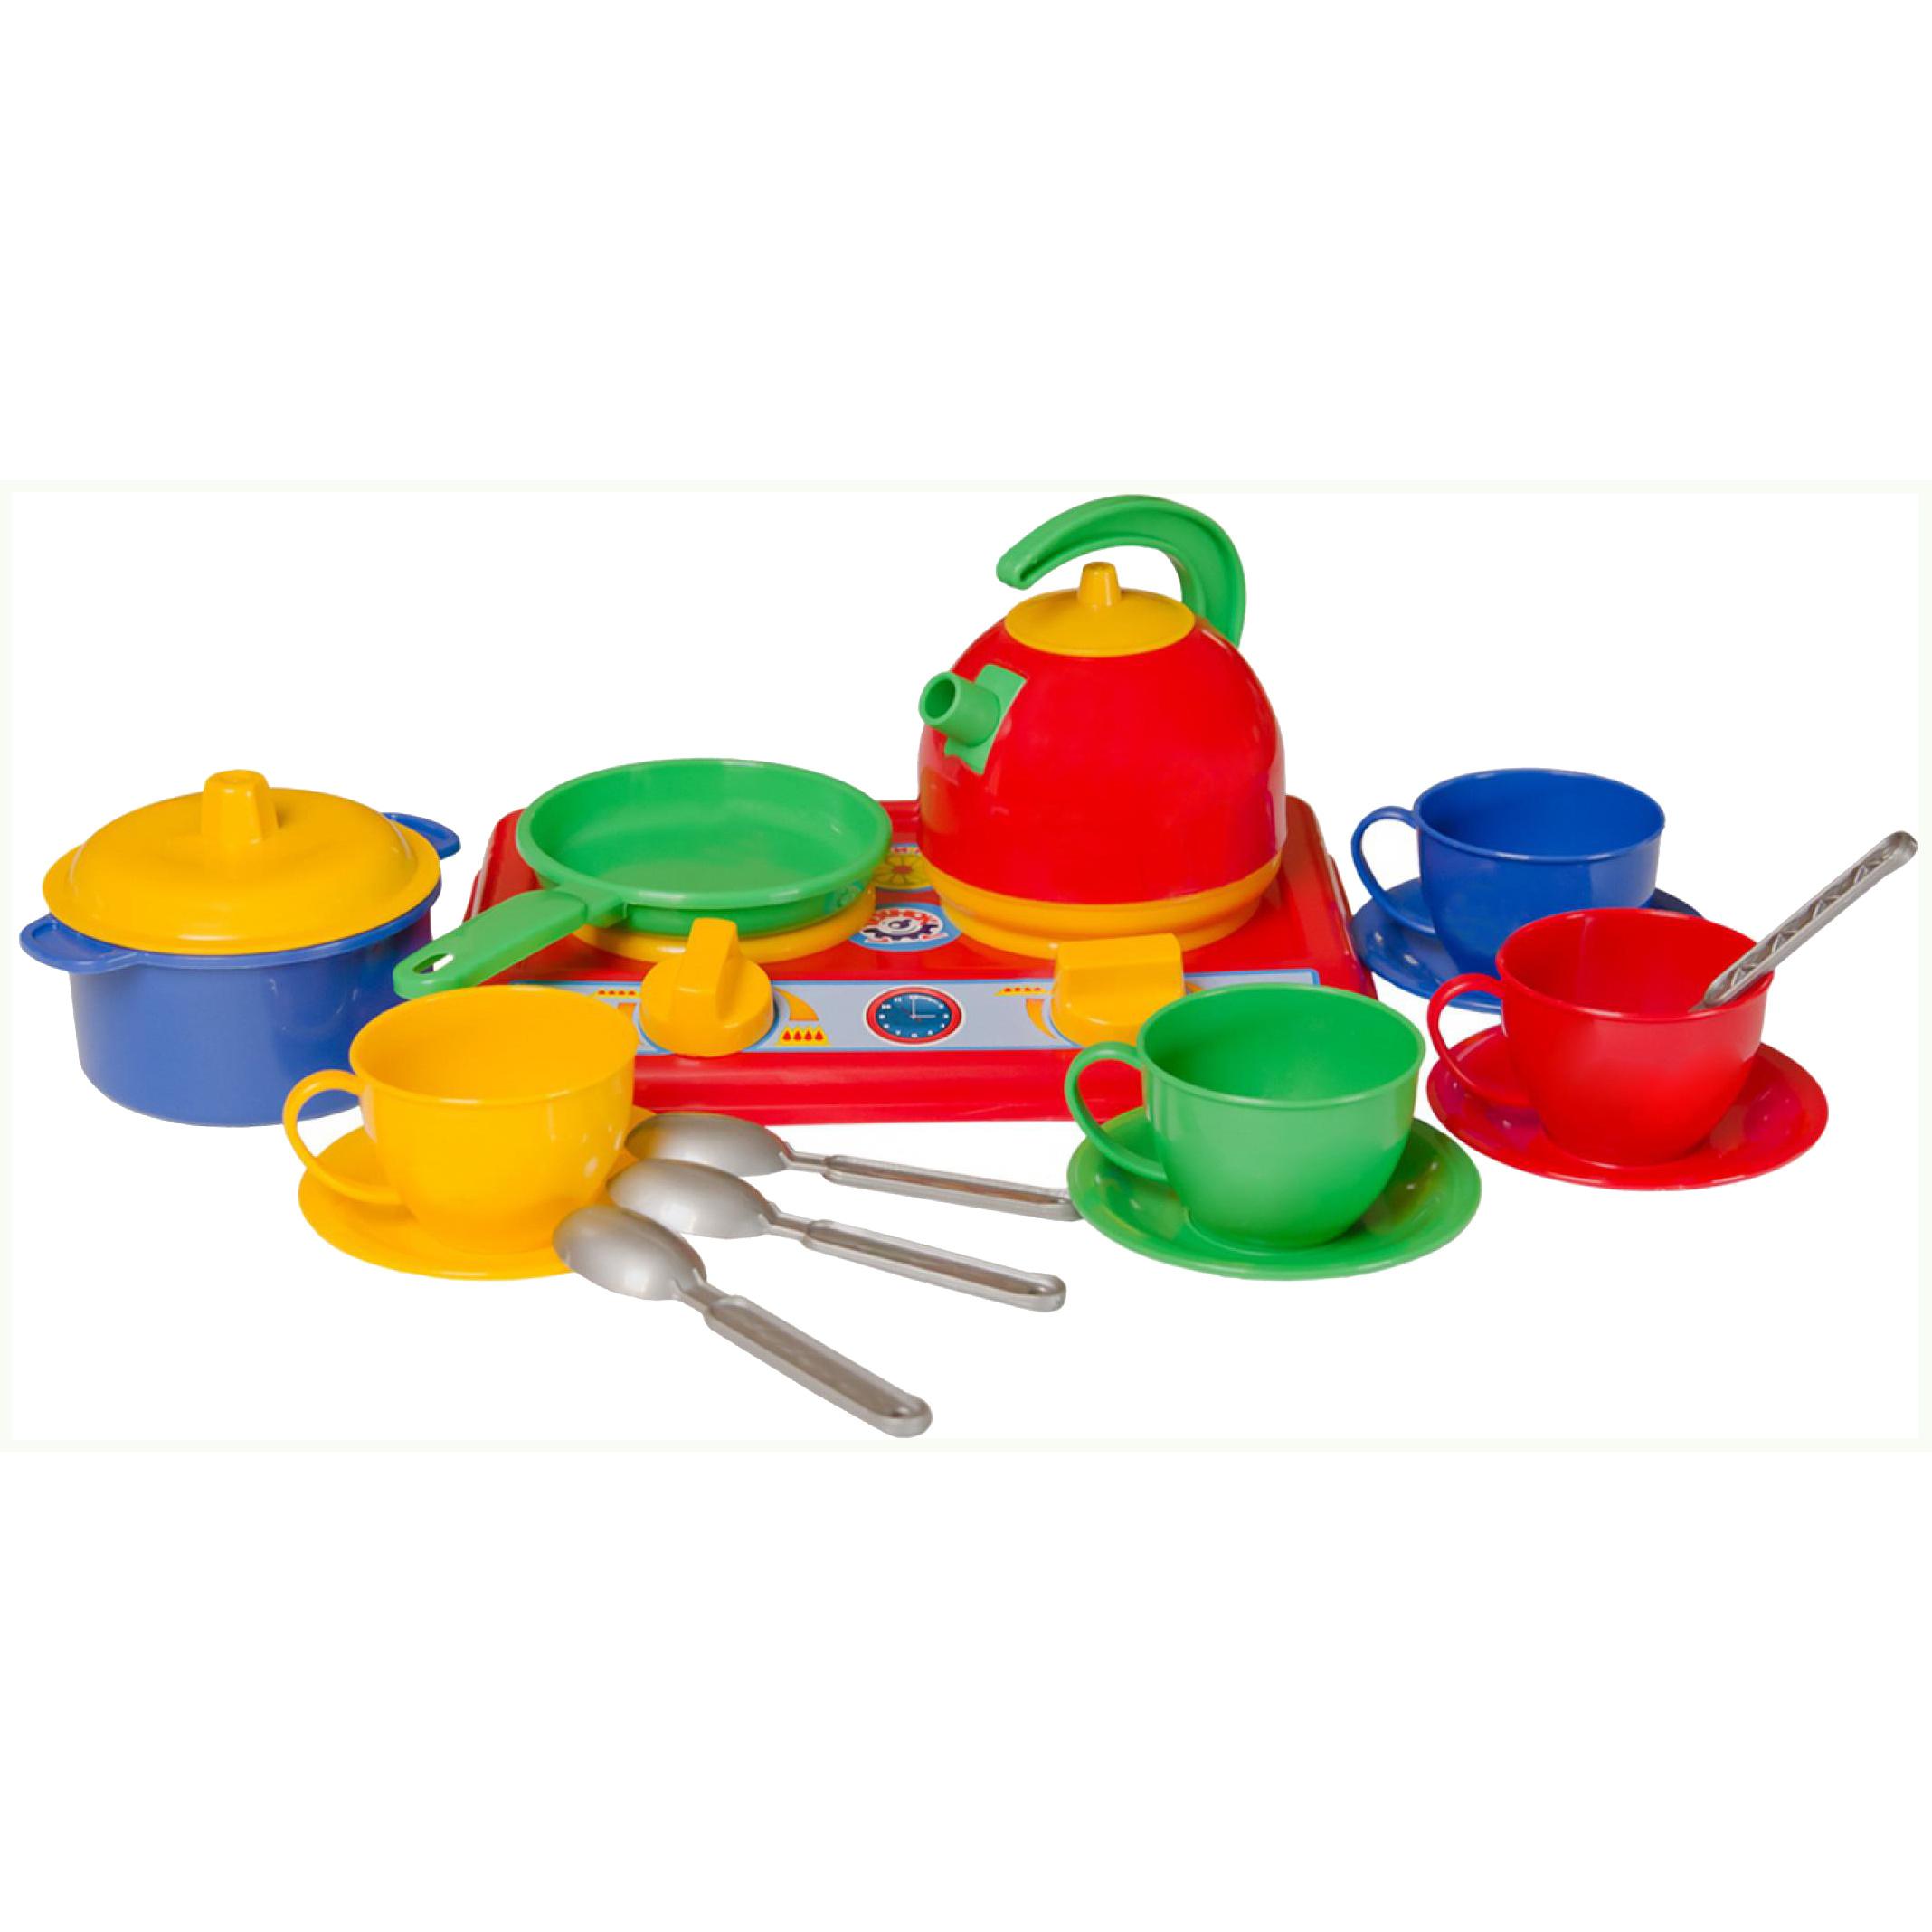 Набор детской посуды ТехноК Галинка №5 17 элементов 1851 фото